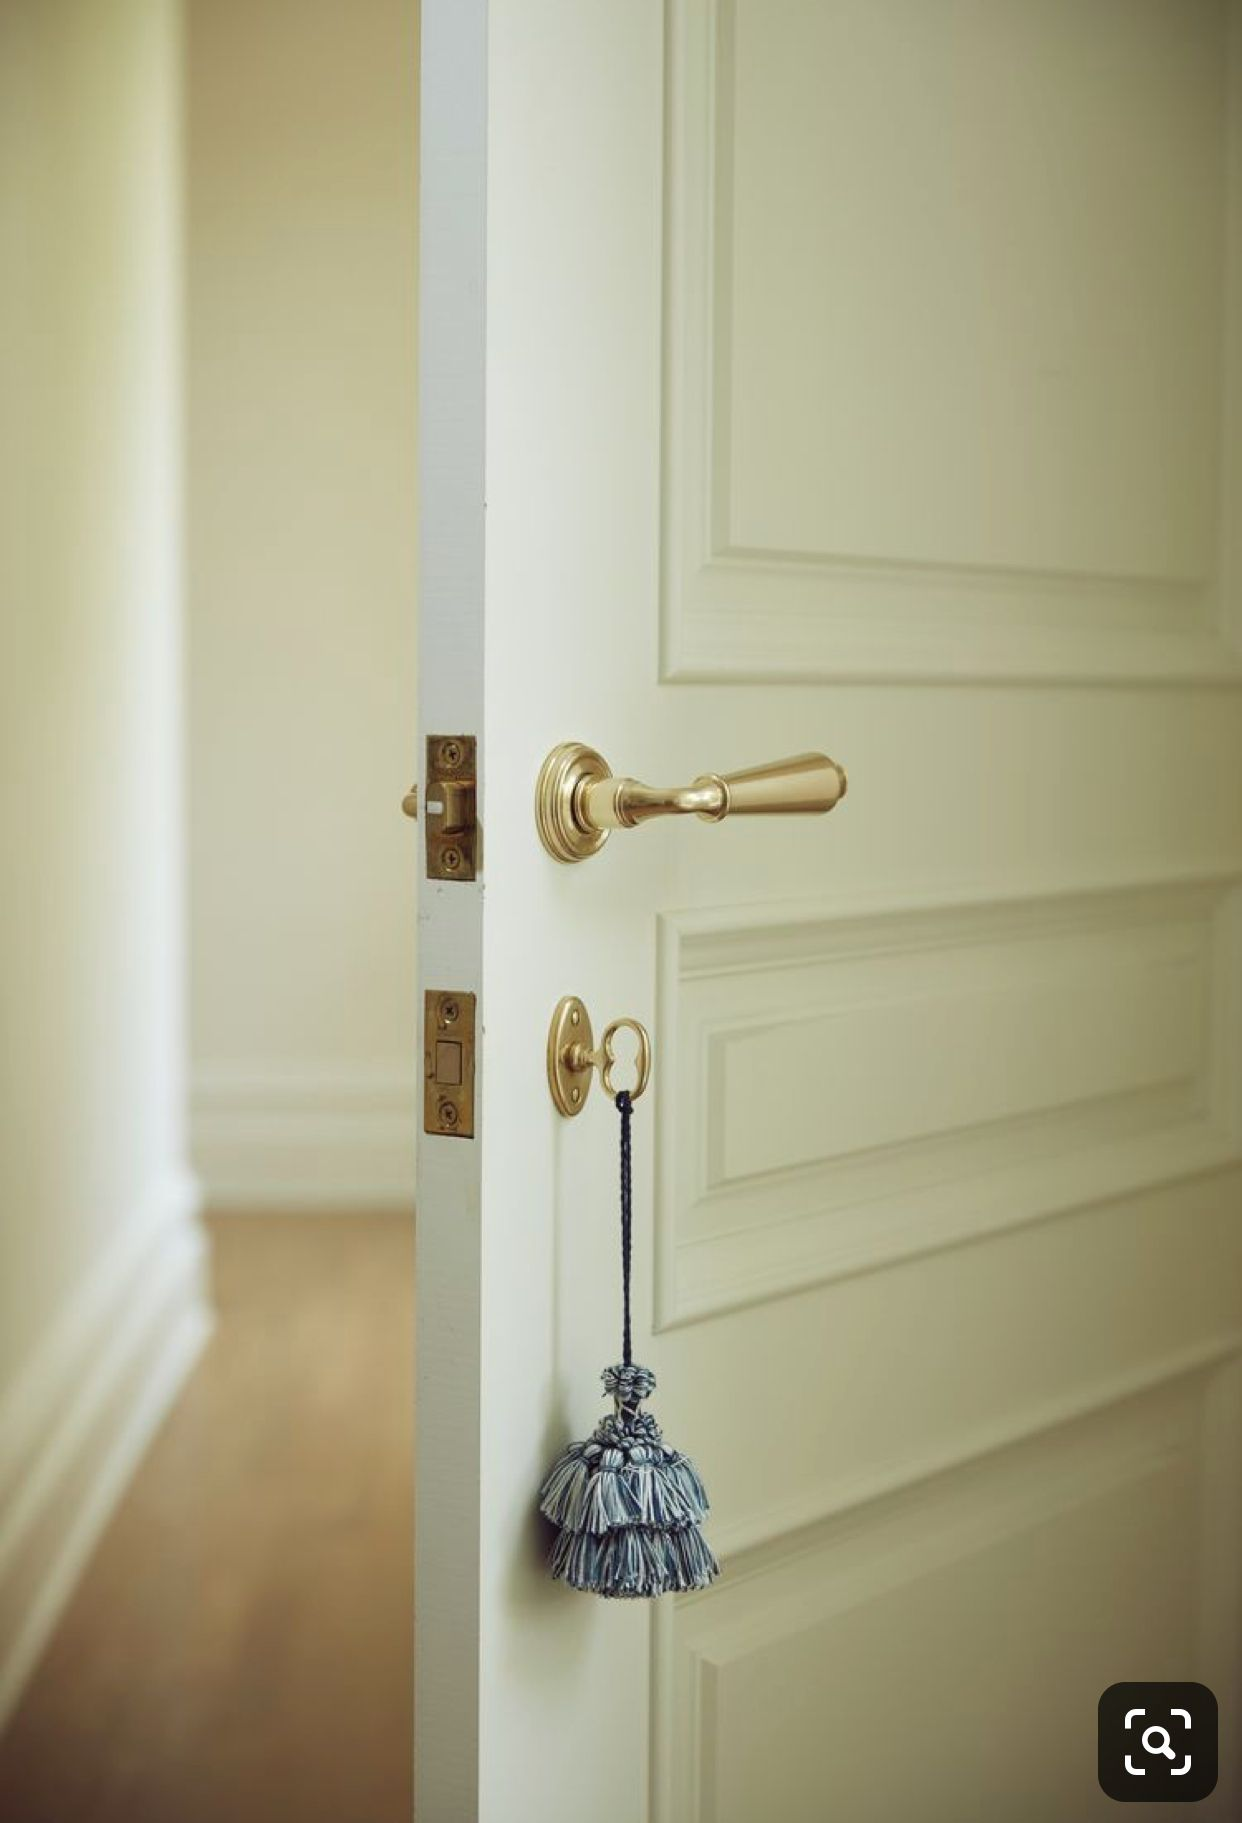 Pin By Laura Quinn On Living Area Home Hardware Bedroom Door Handles Doors